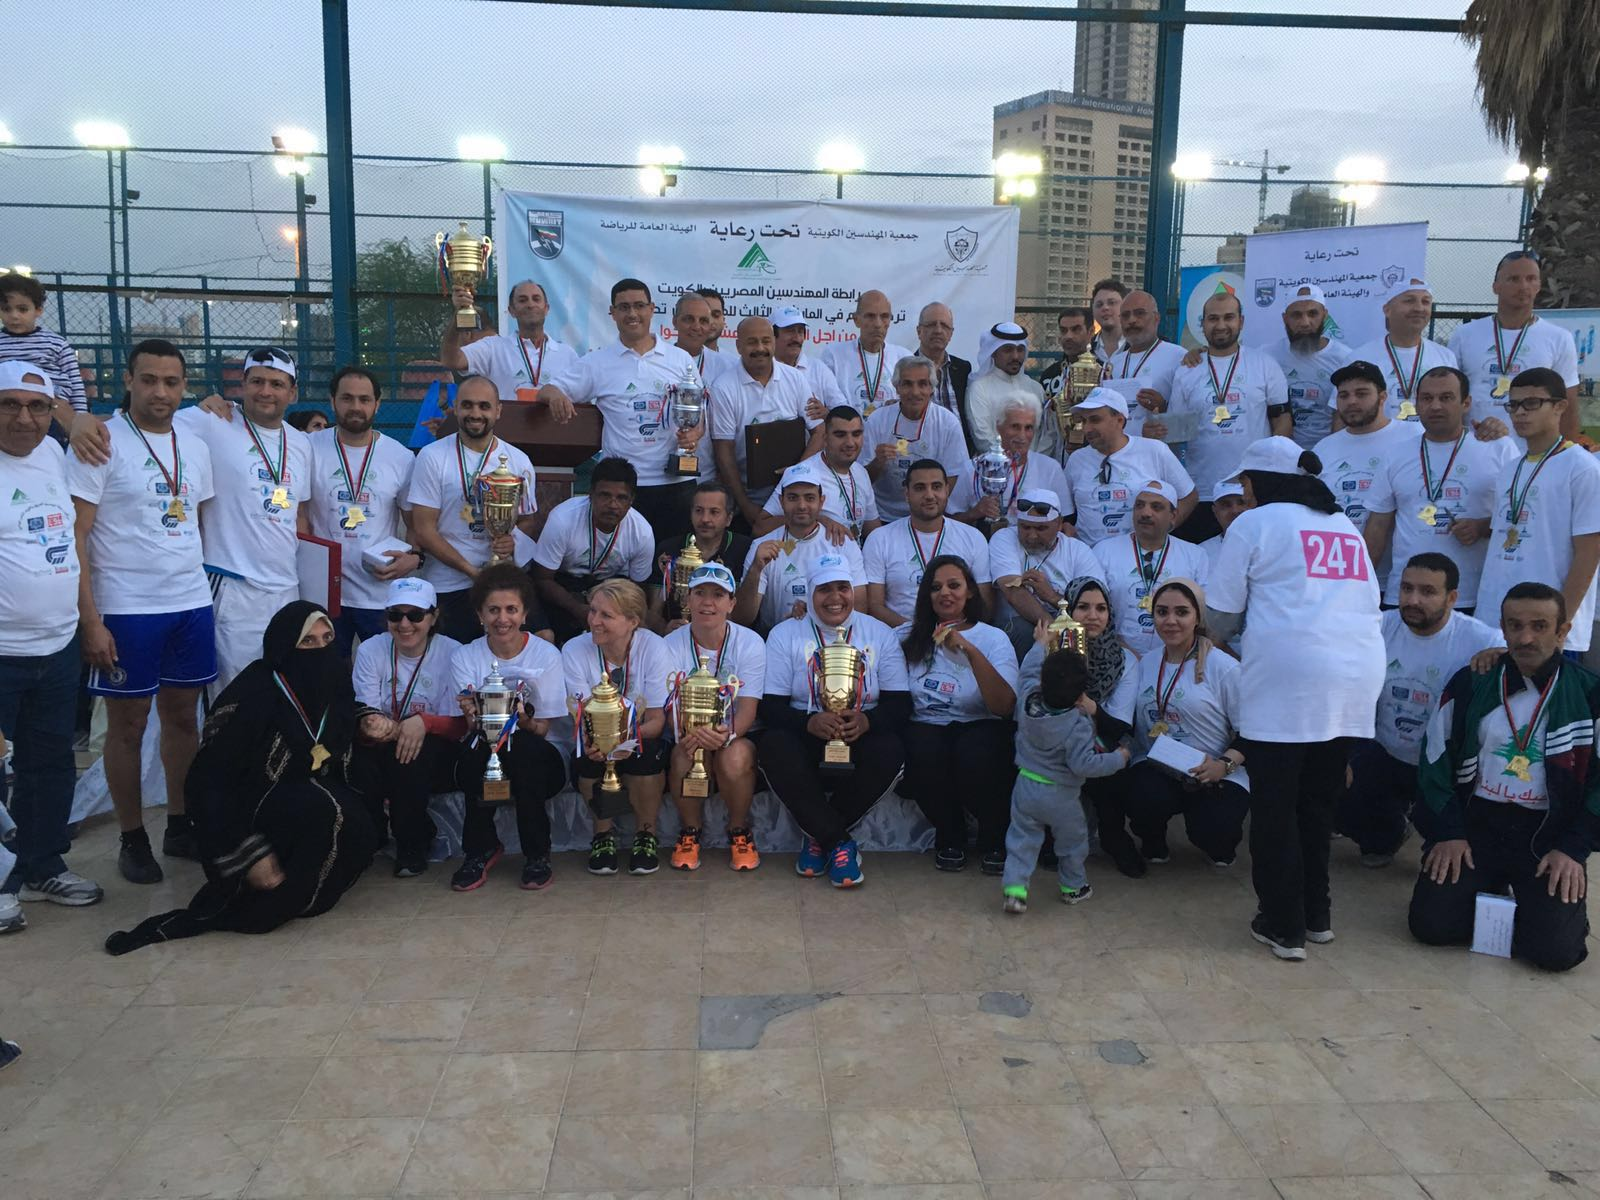 ماراثون رابطة المهندسين المصريين بالكويت الثالث للمشي – ألبوم صور